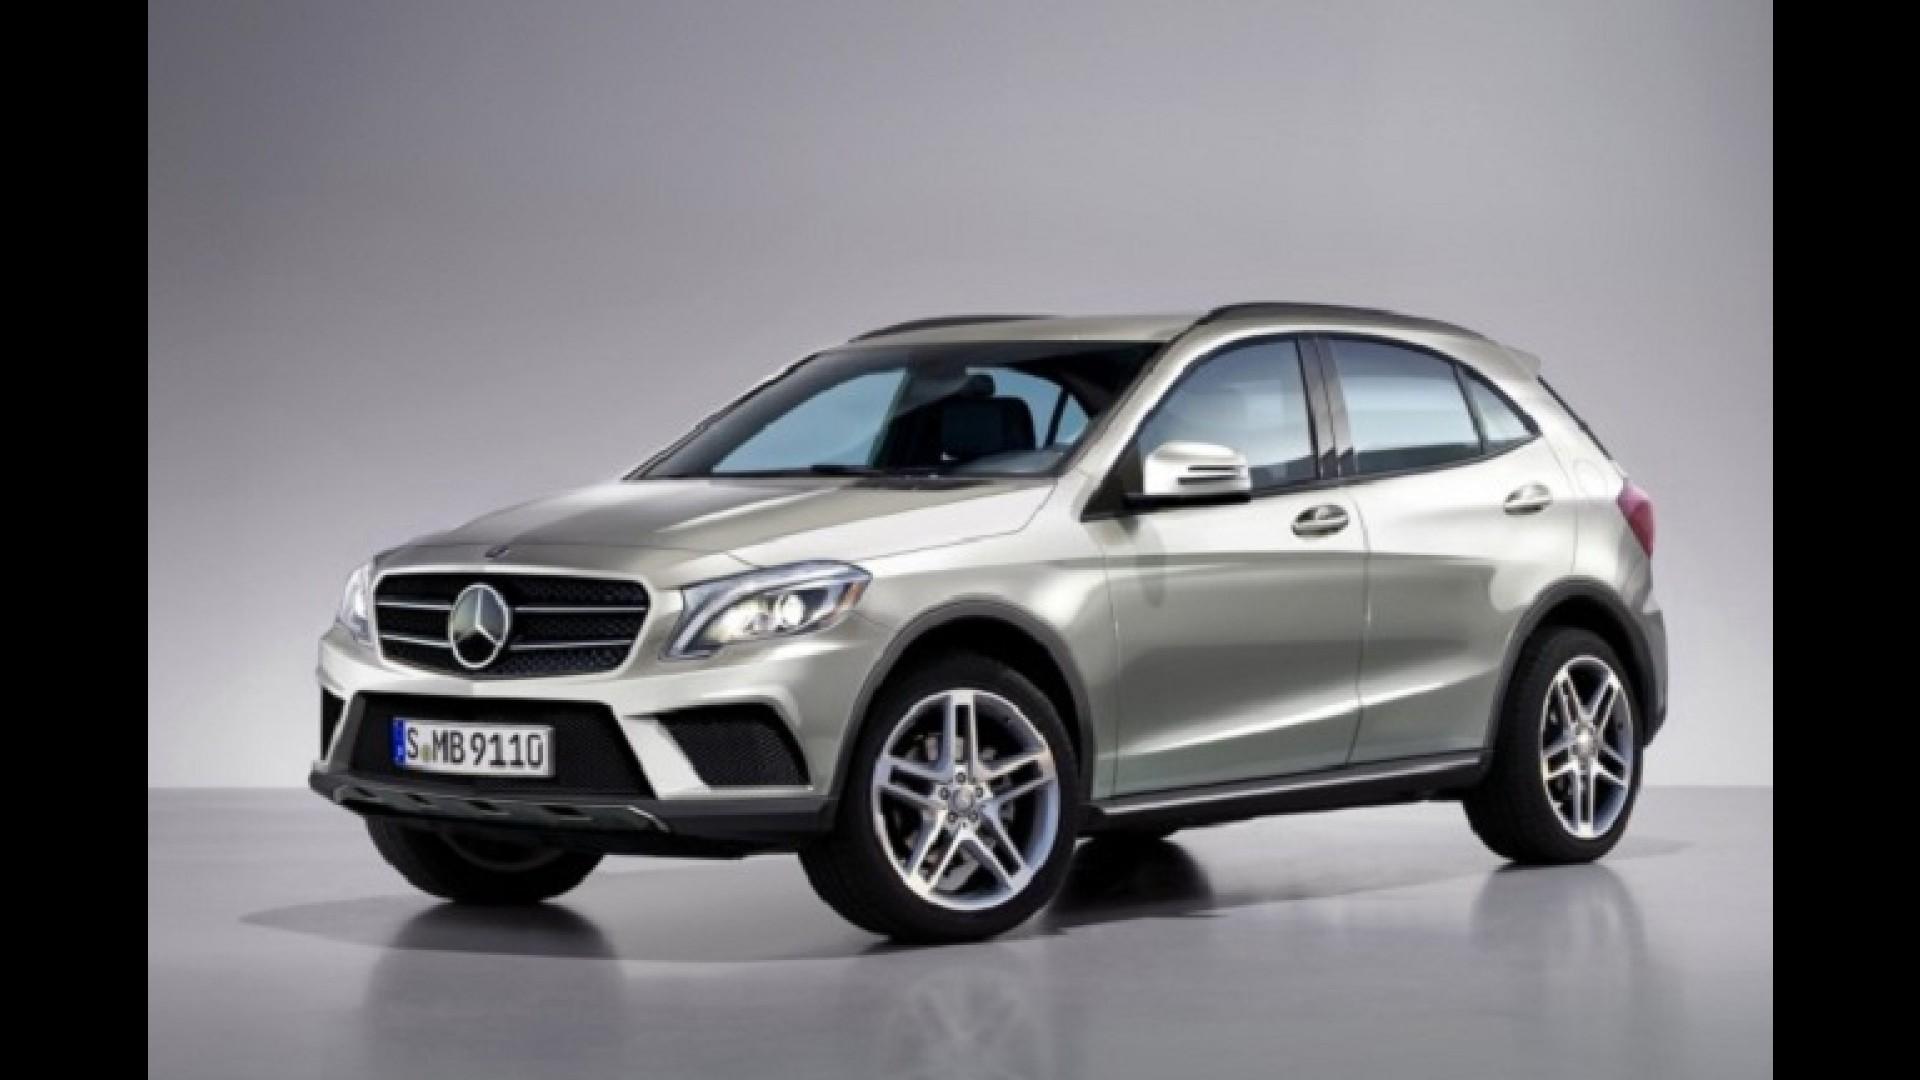 Mercedes benz confirma lan amento de 13 novos modelos at 2020 for Mercedes benz modelos